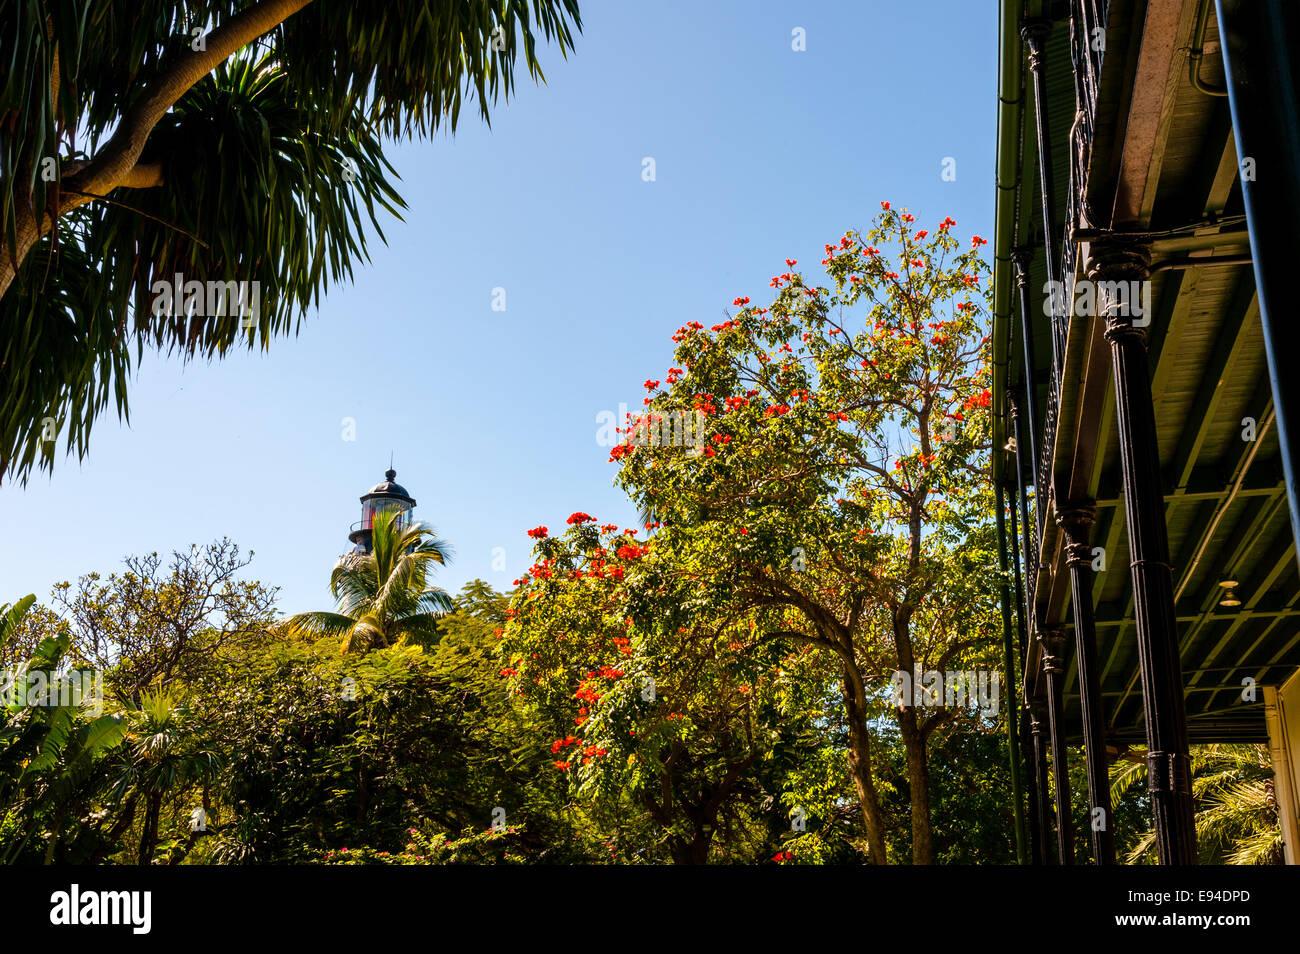 US, Florida, Key West. Ernest Hemingway Home. Stock Photo